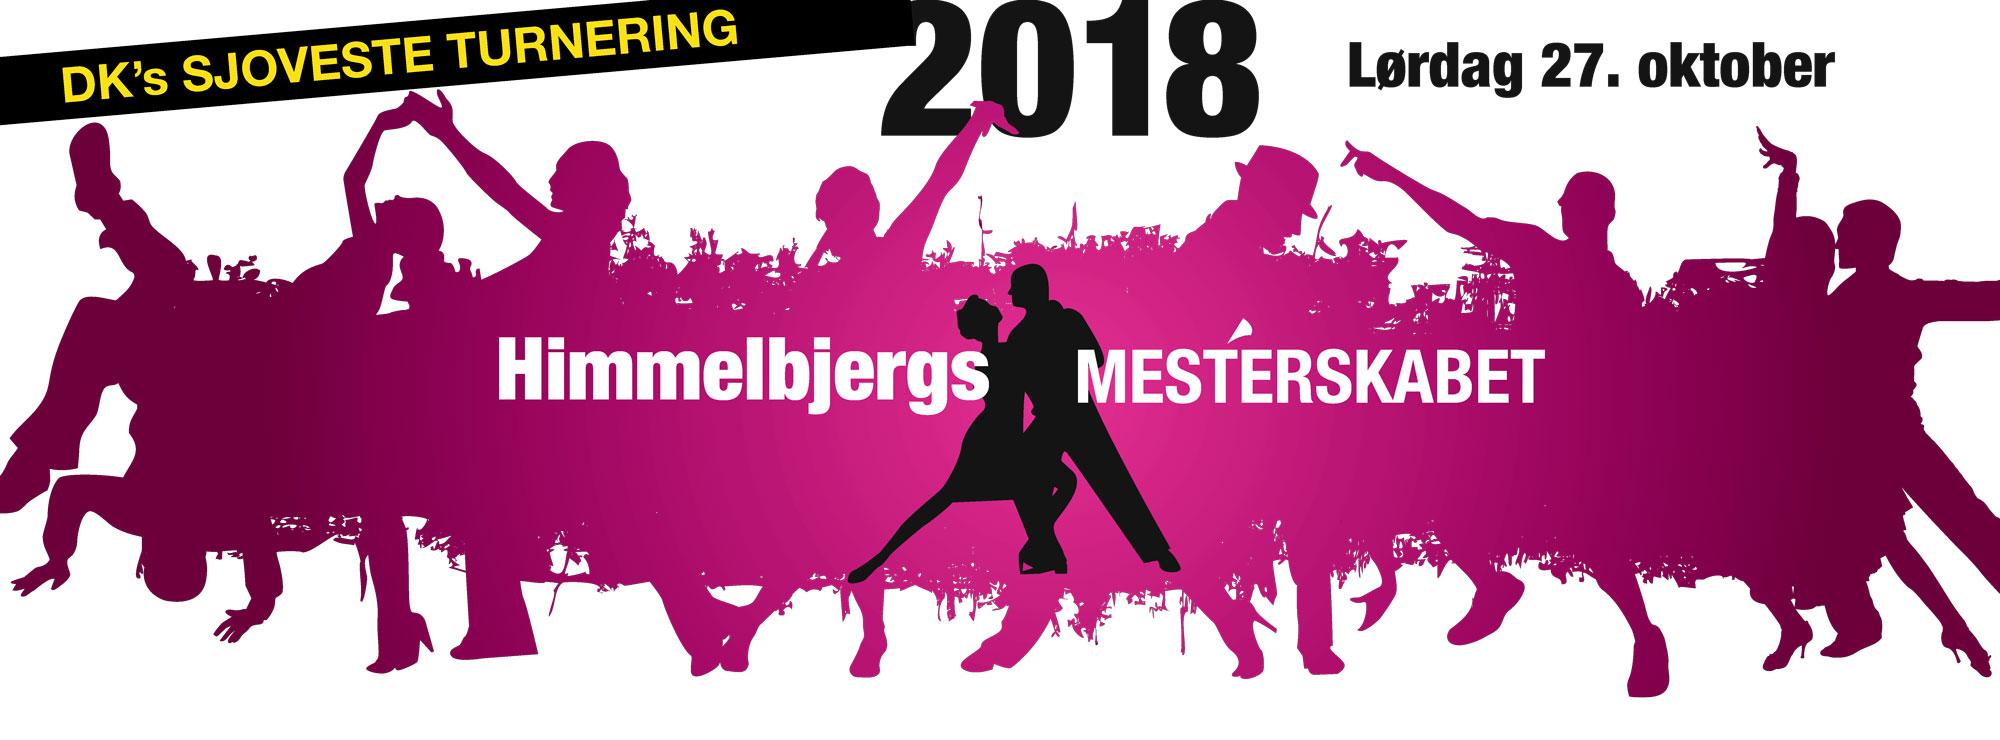 Himmelbjergsmesterskabet - Forum Horsens